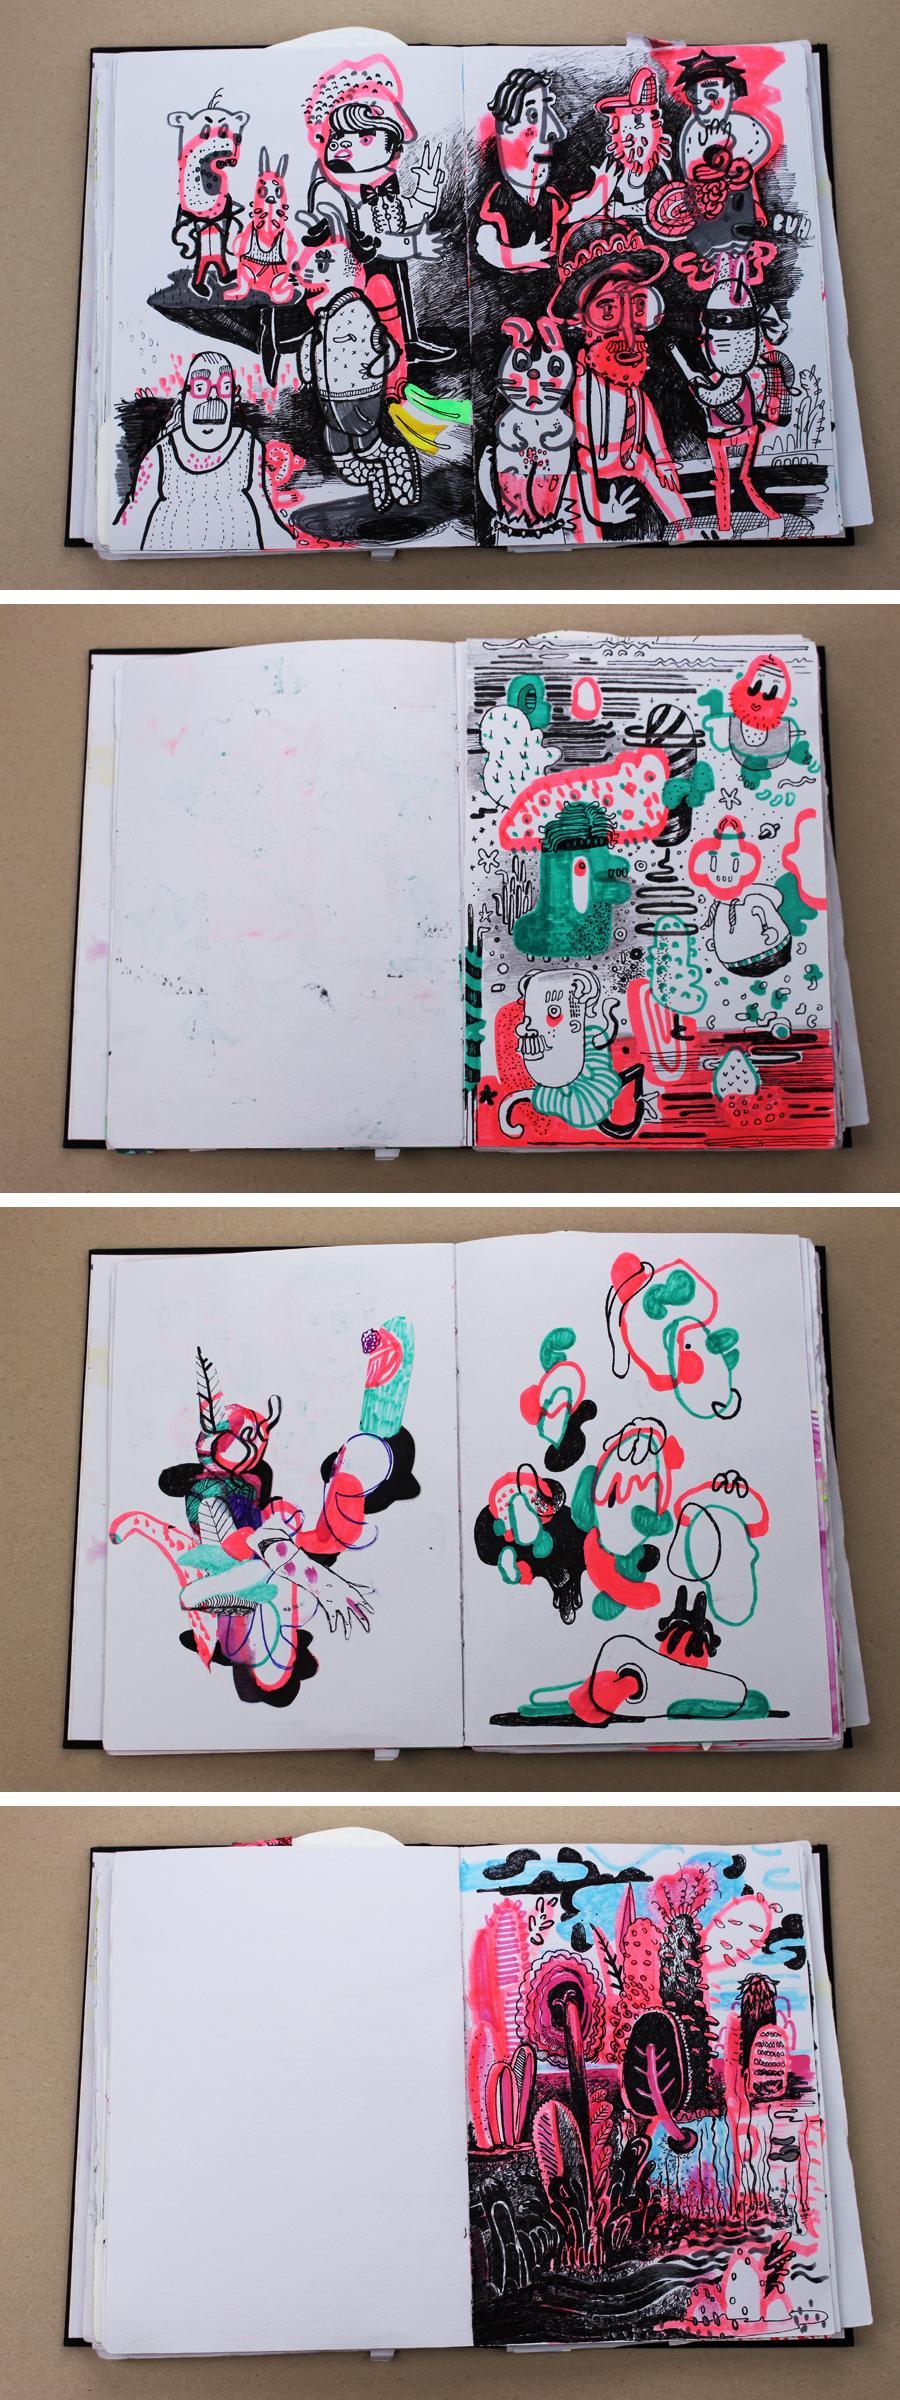 Wildes Skizzenbuch Diana Köhne